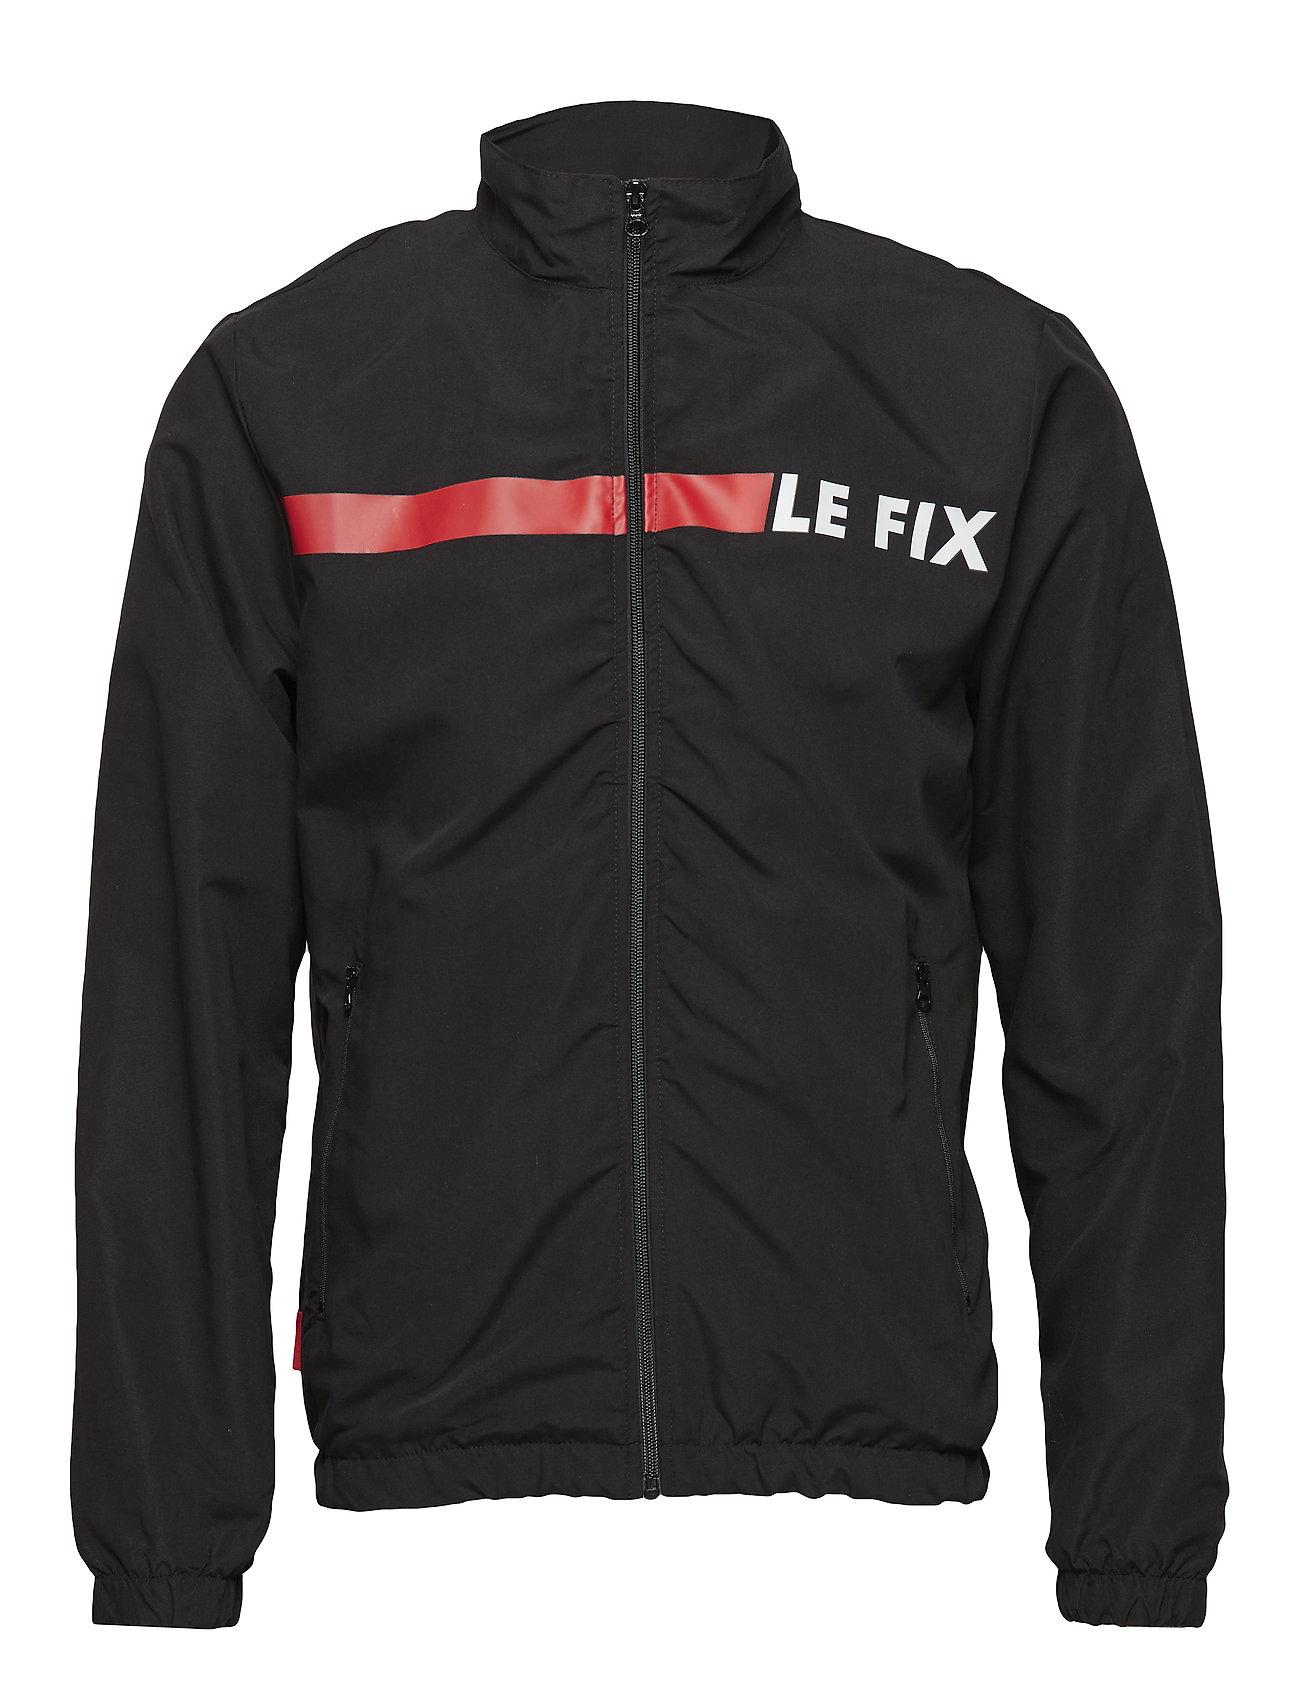 Le-Fix Kandy Trainer - BLACK